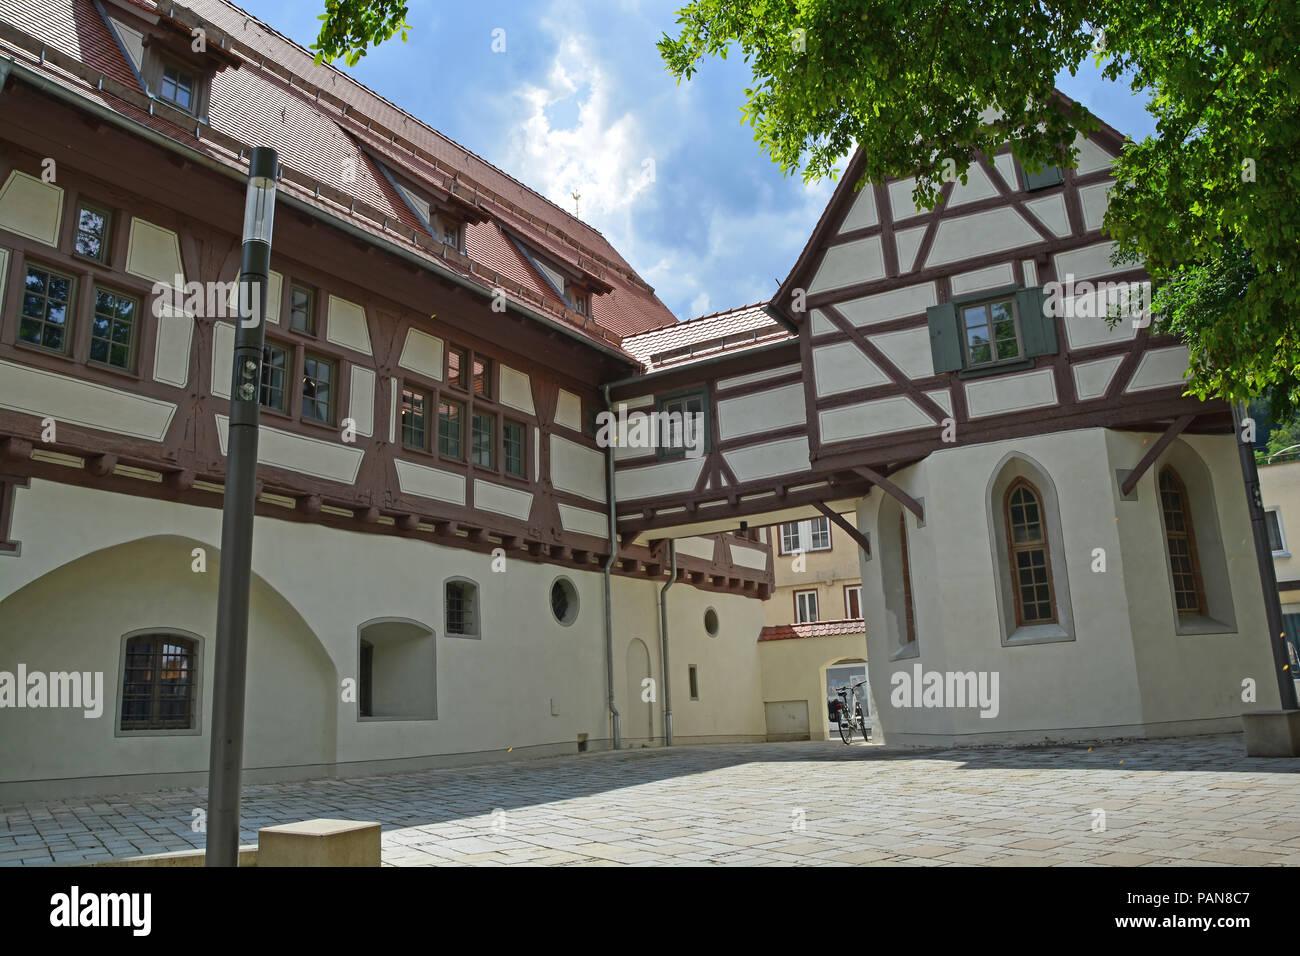 Deutsche Fachwerkhaus Gebäude in der mittelalterlichen Stadt mit Kopfsteinpflaster in der Schwäbische Alb Region Stockbild